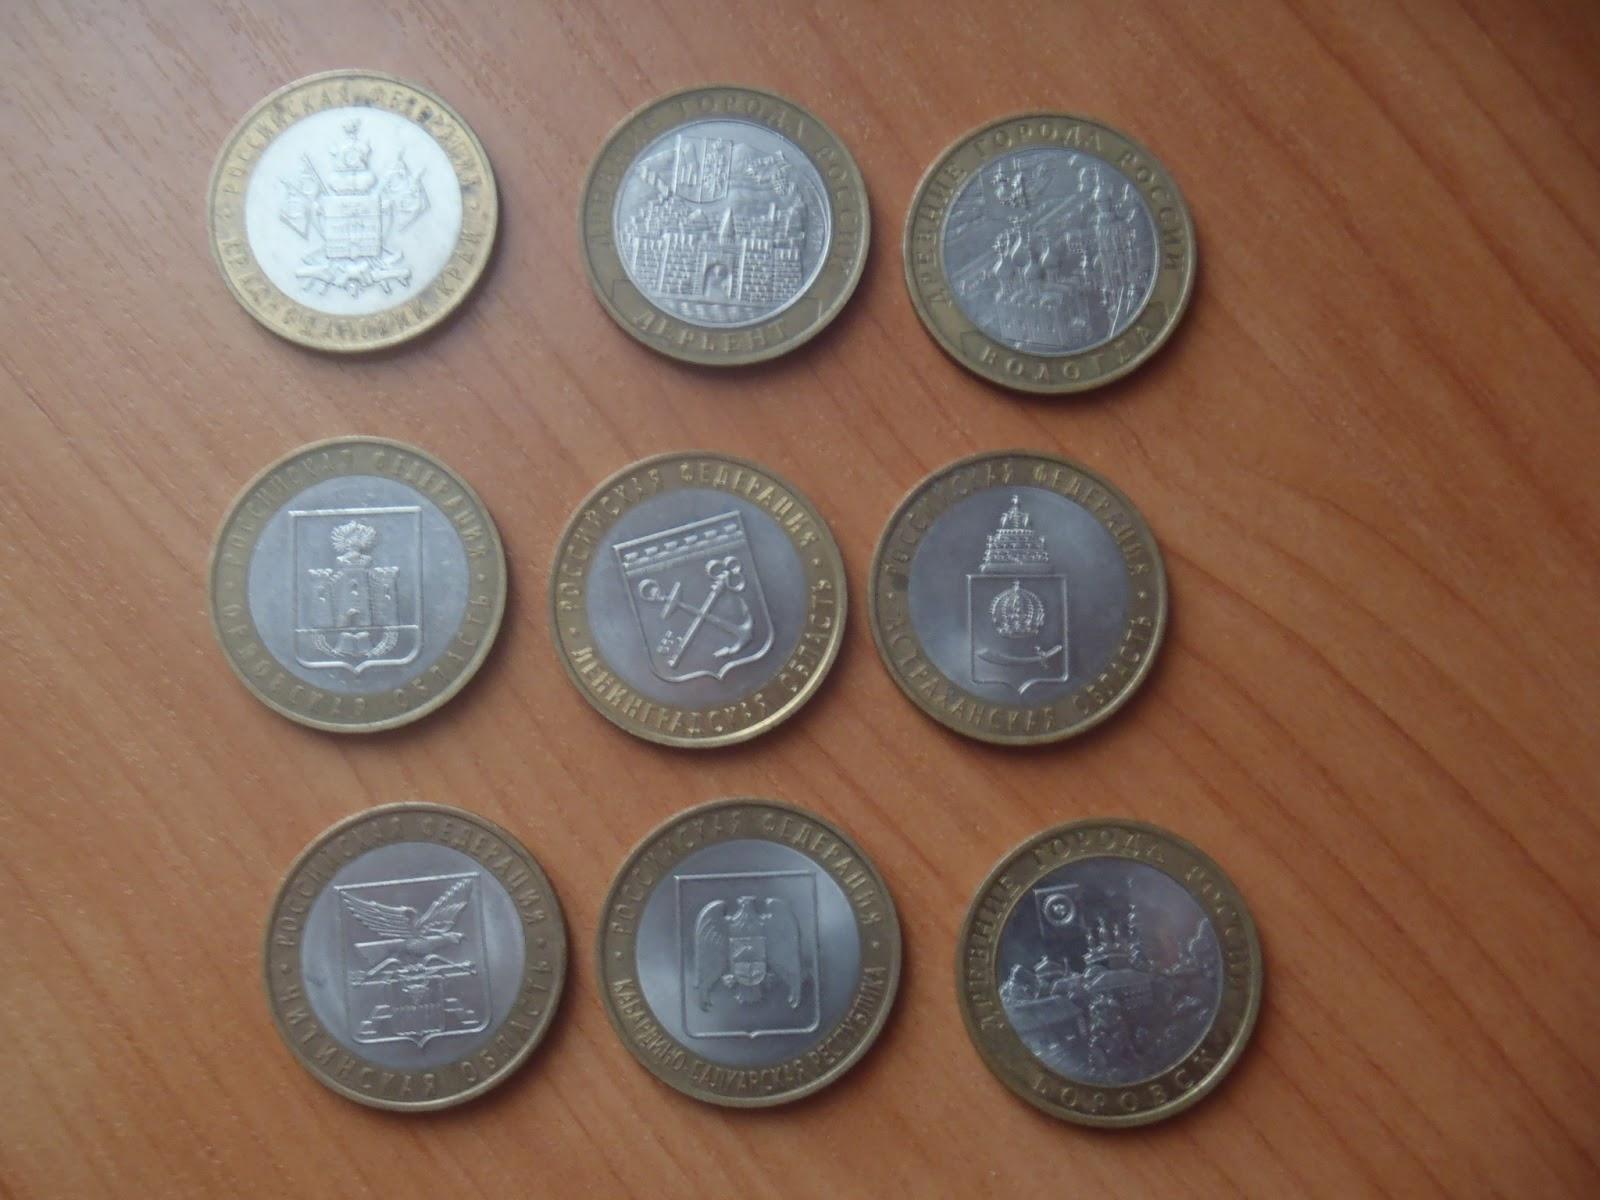 Сколько стоит 50 рублей 1993 года цена - edc7